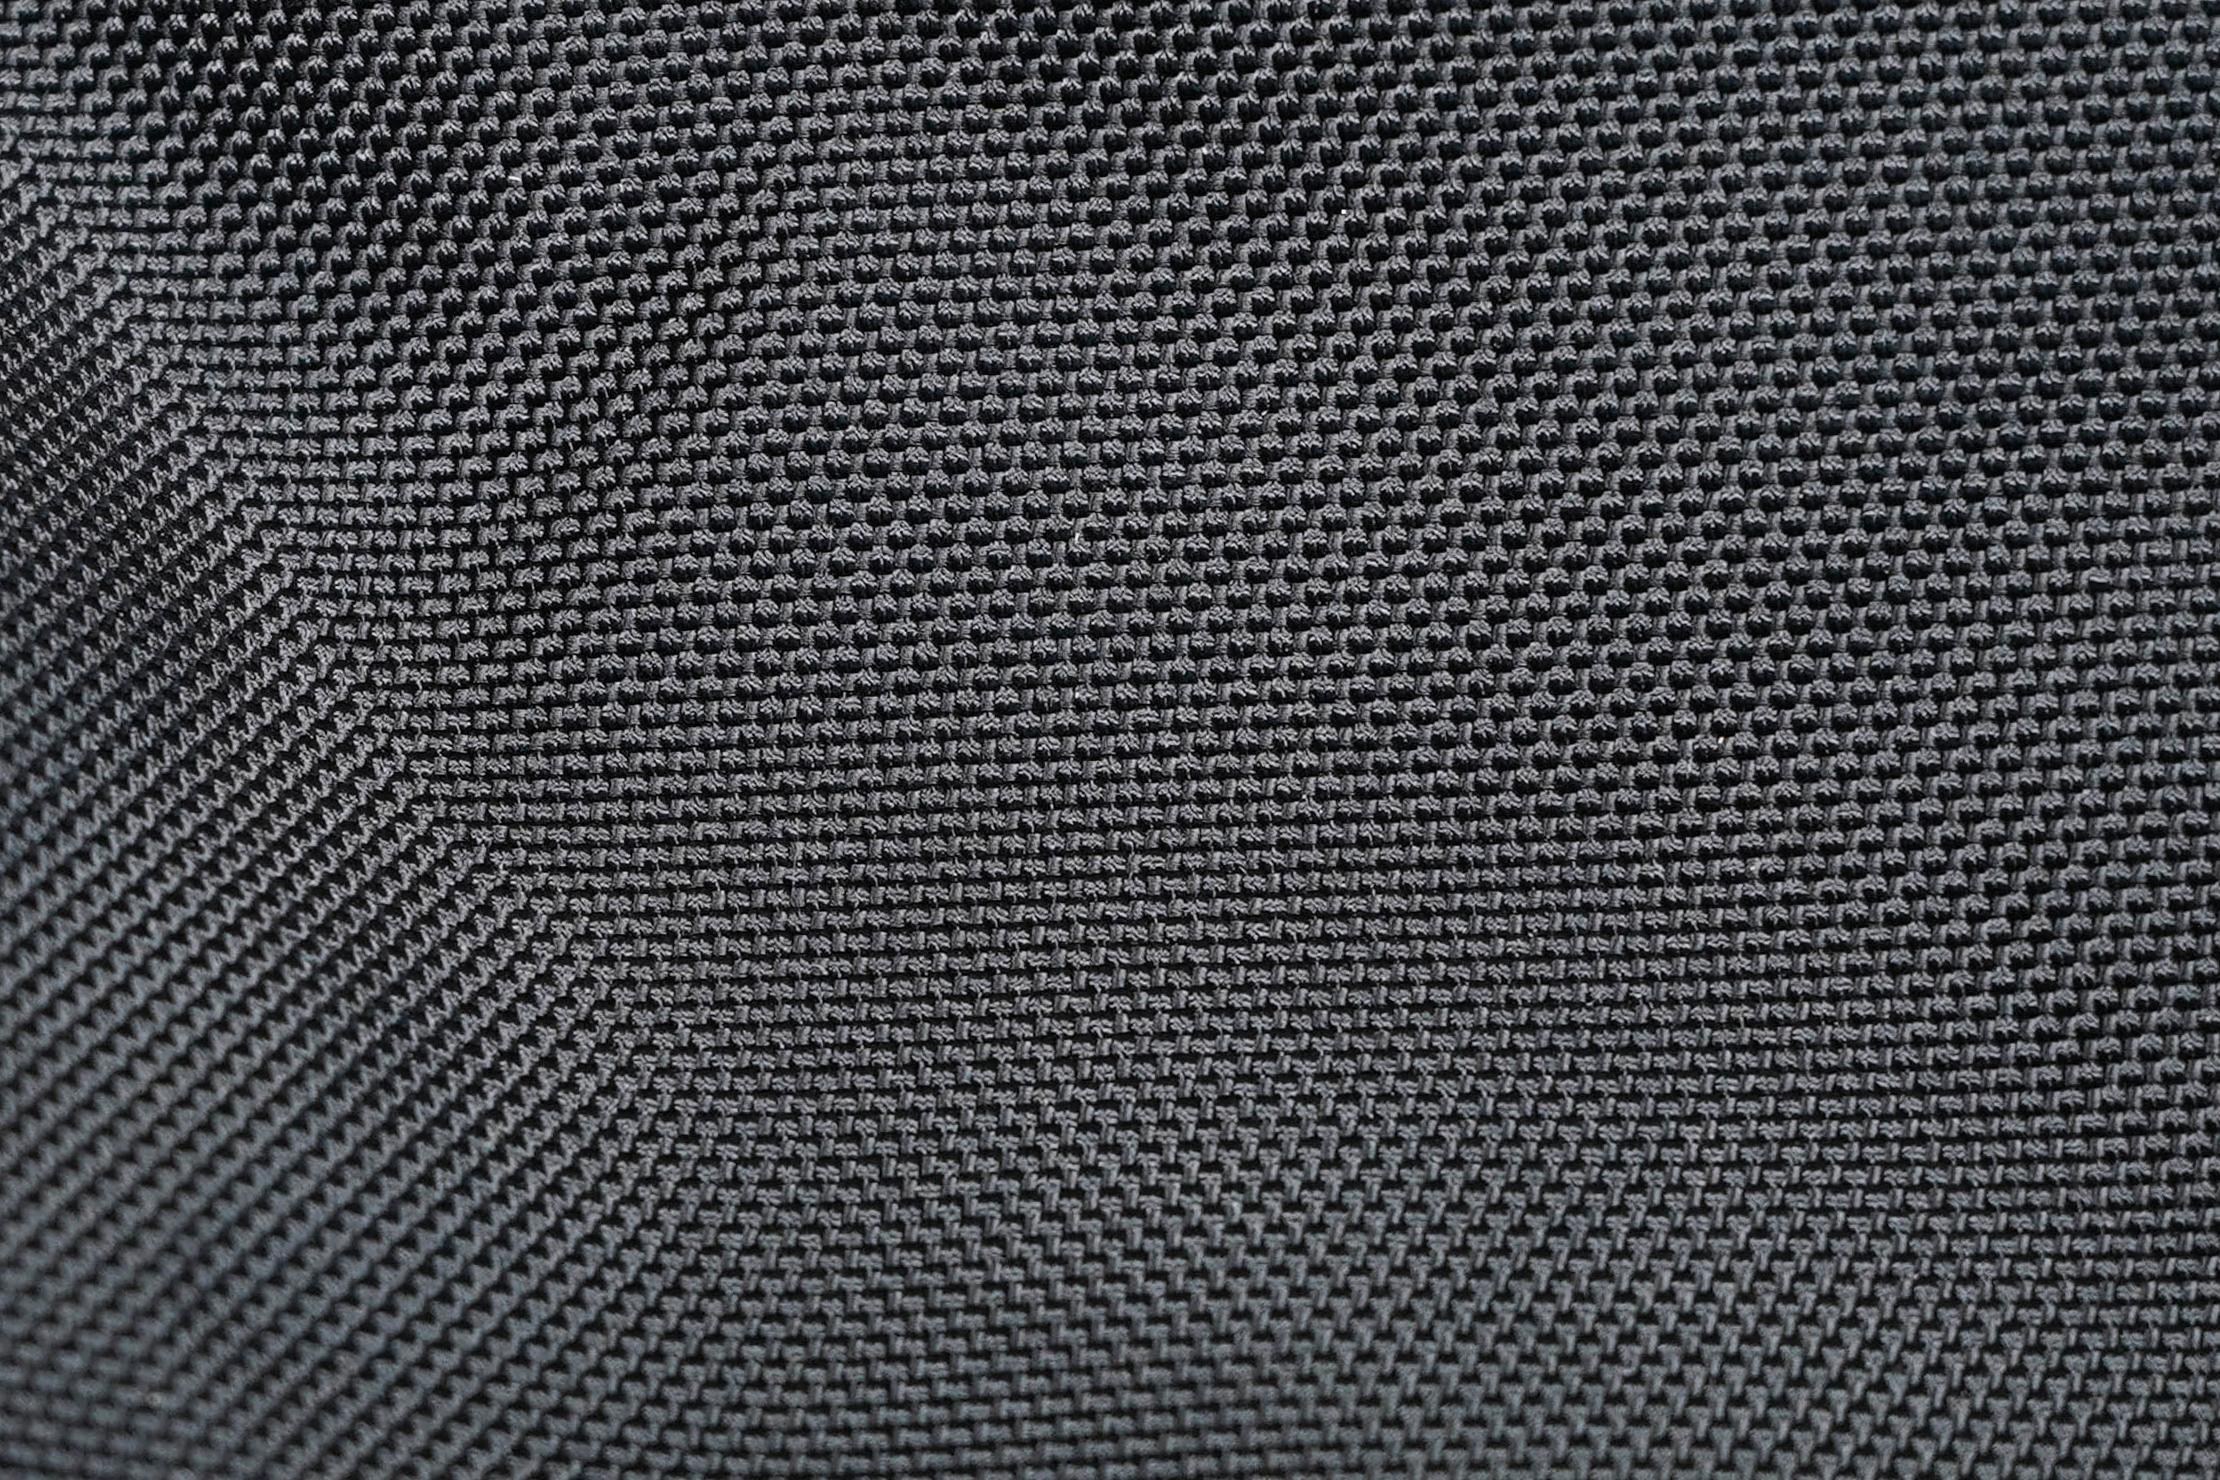 Cotopaxi Allpa 42L Nylon Material